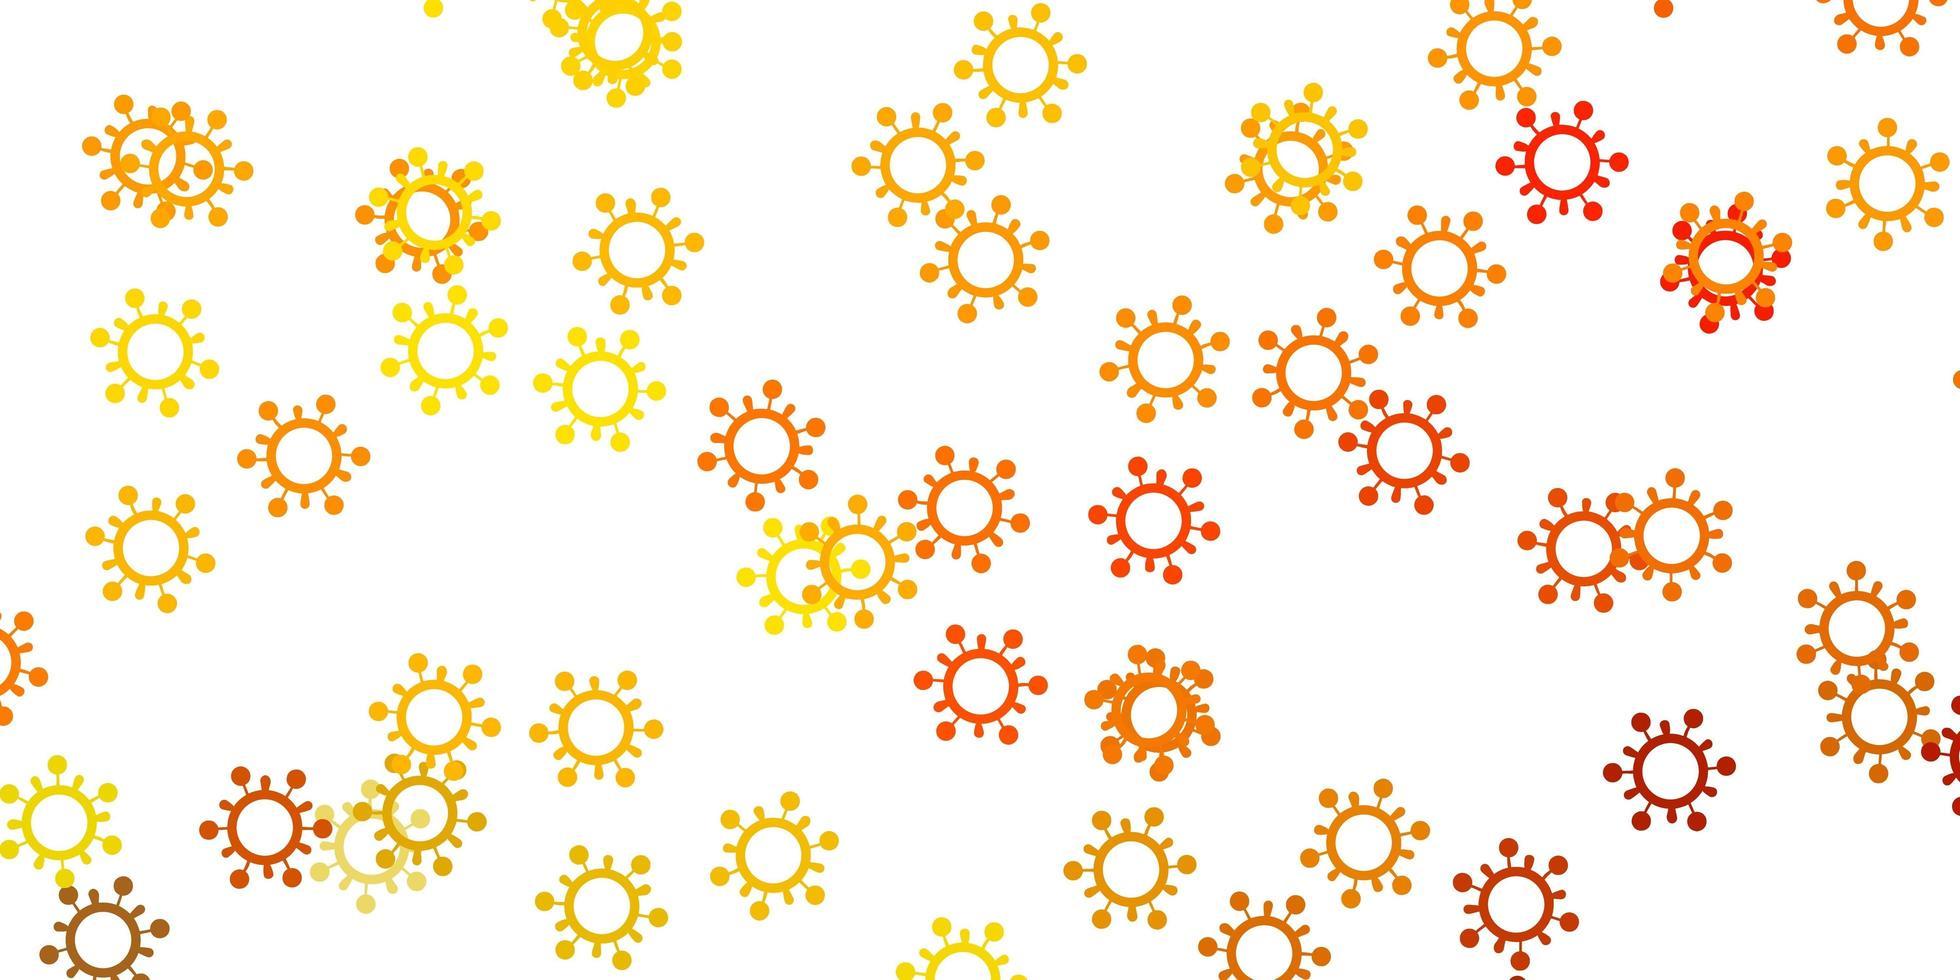 modèle vectoriel jaune clair avec des signes de grippe.